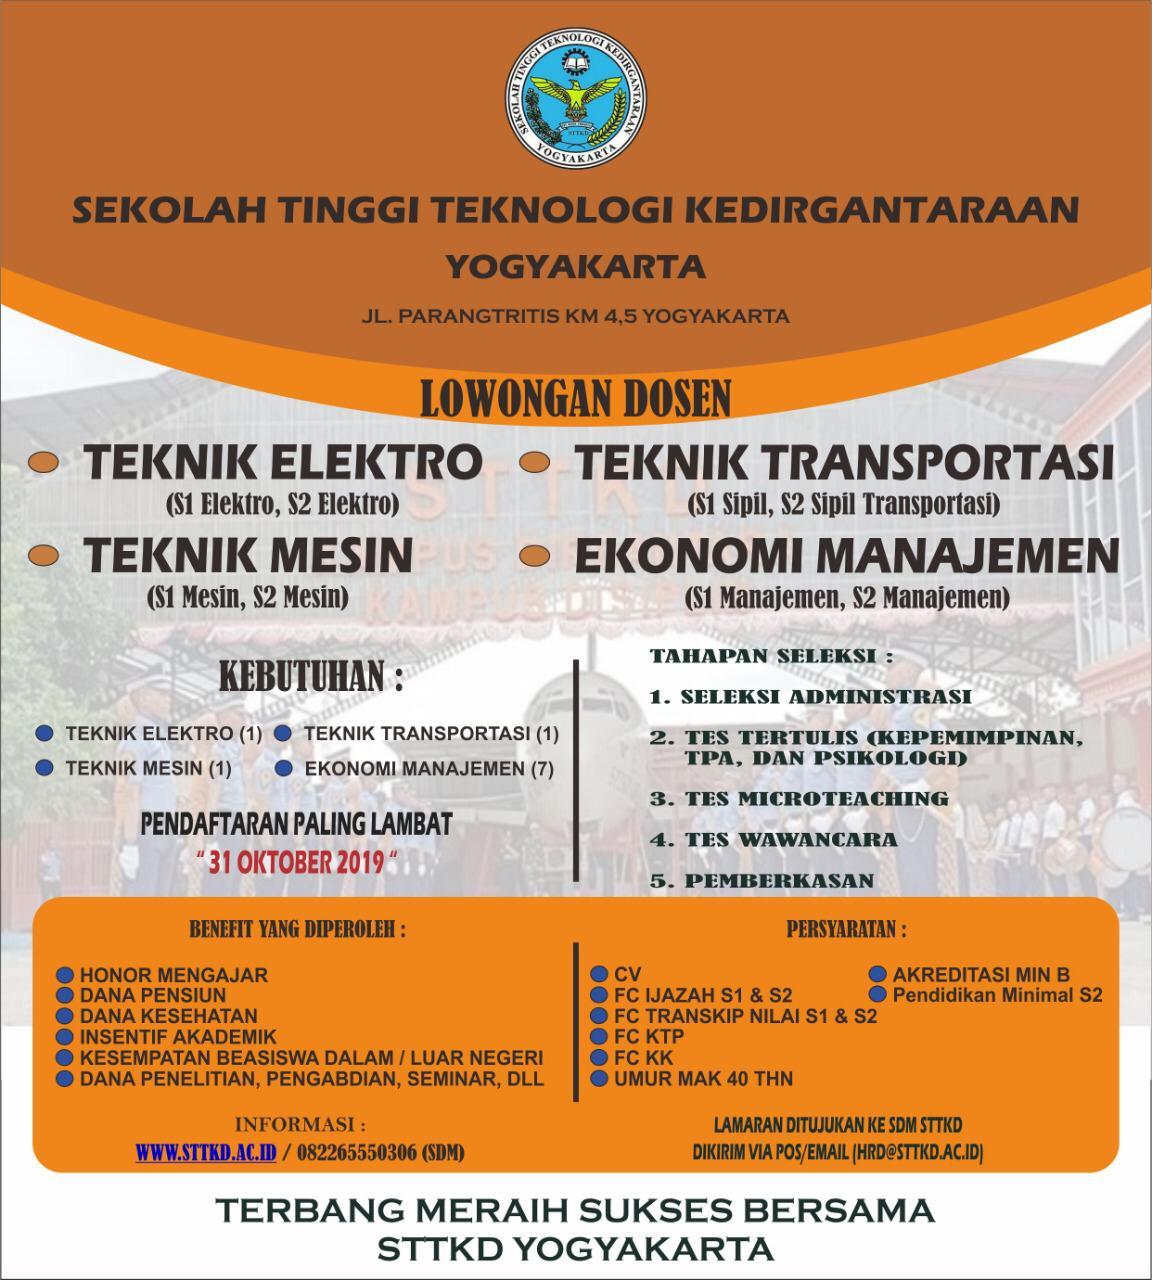 Disnakertrans Lowongan Kerja Dosen Teknik Mesin Sttkd Yogyakarta